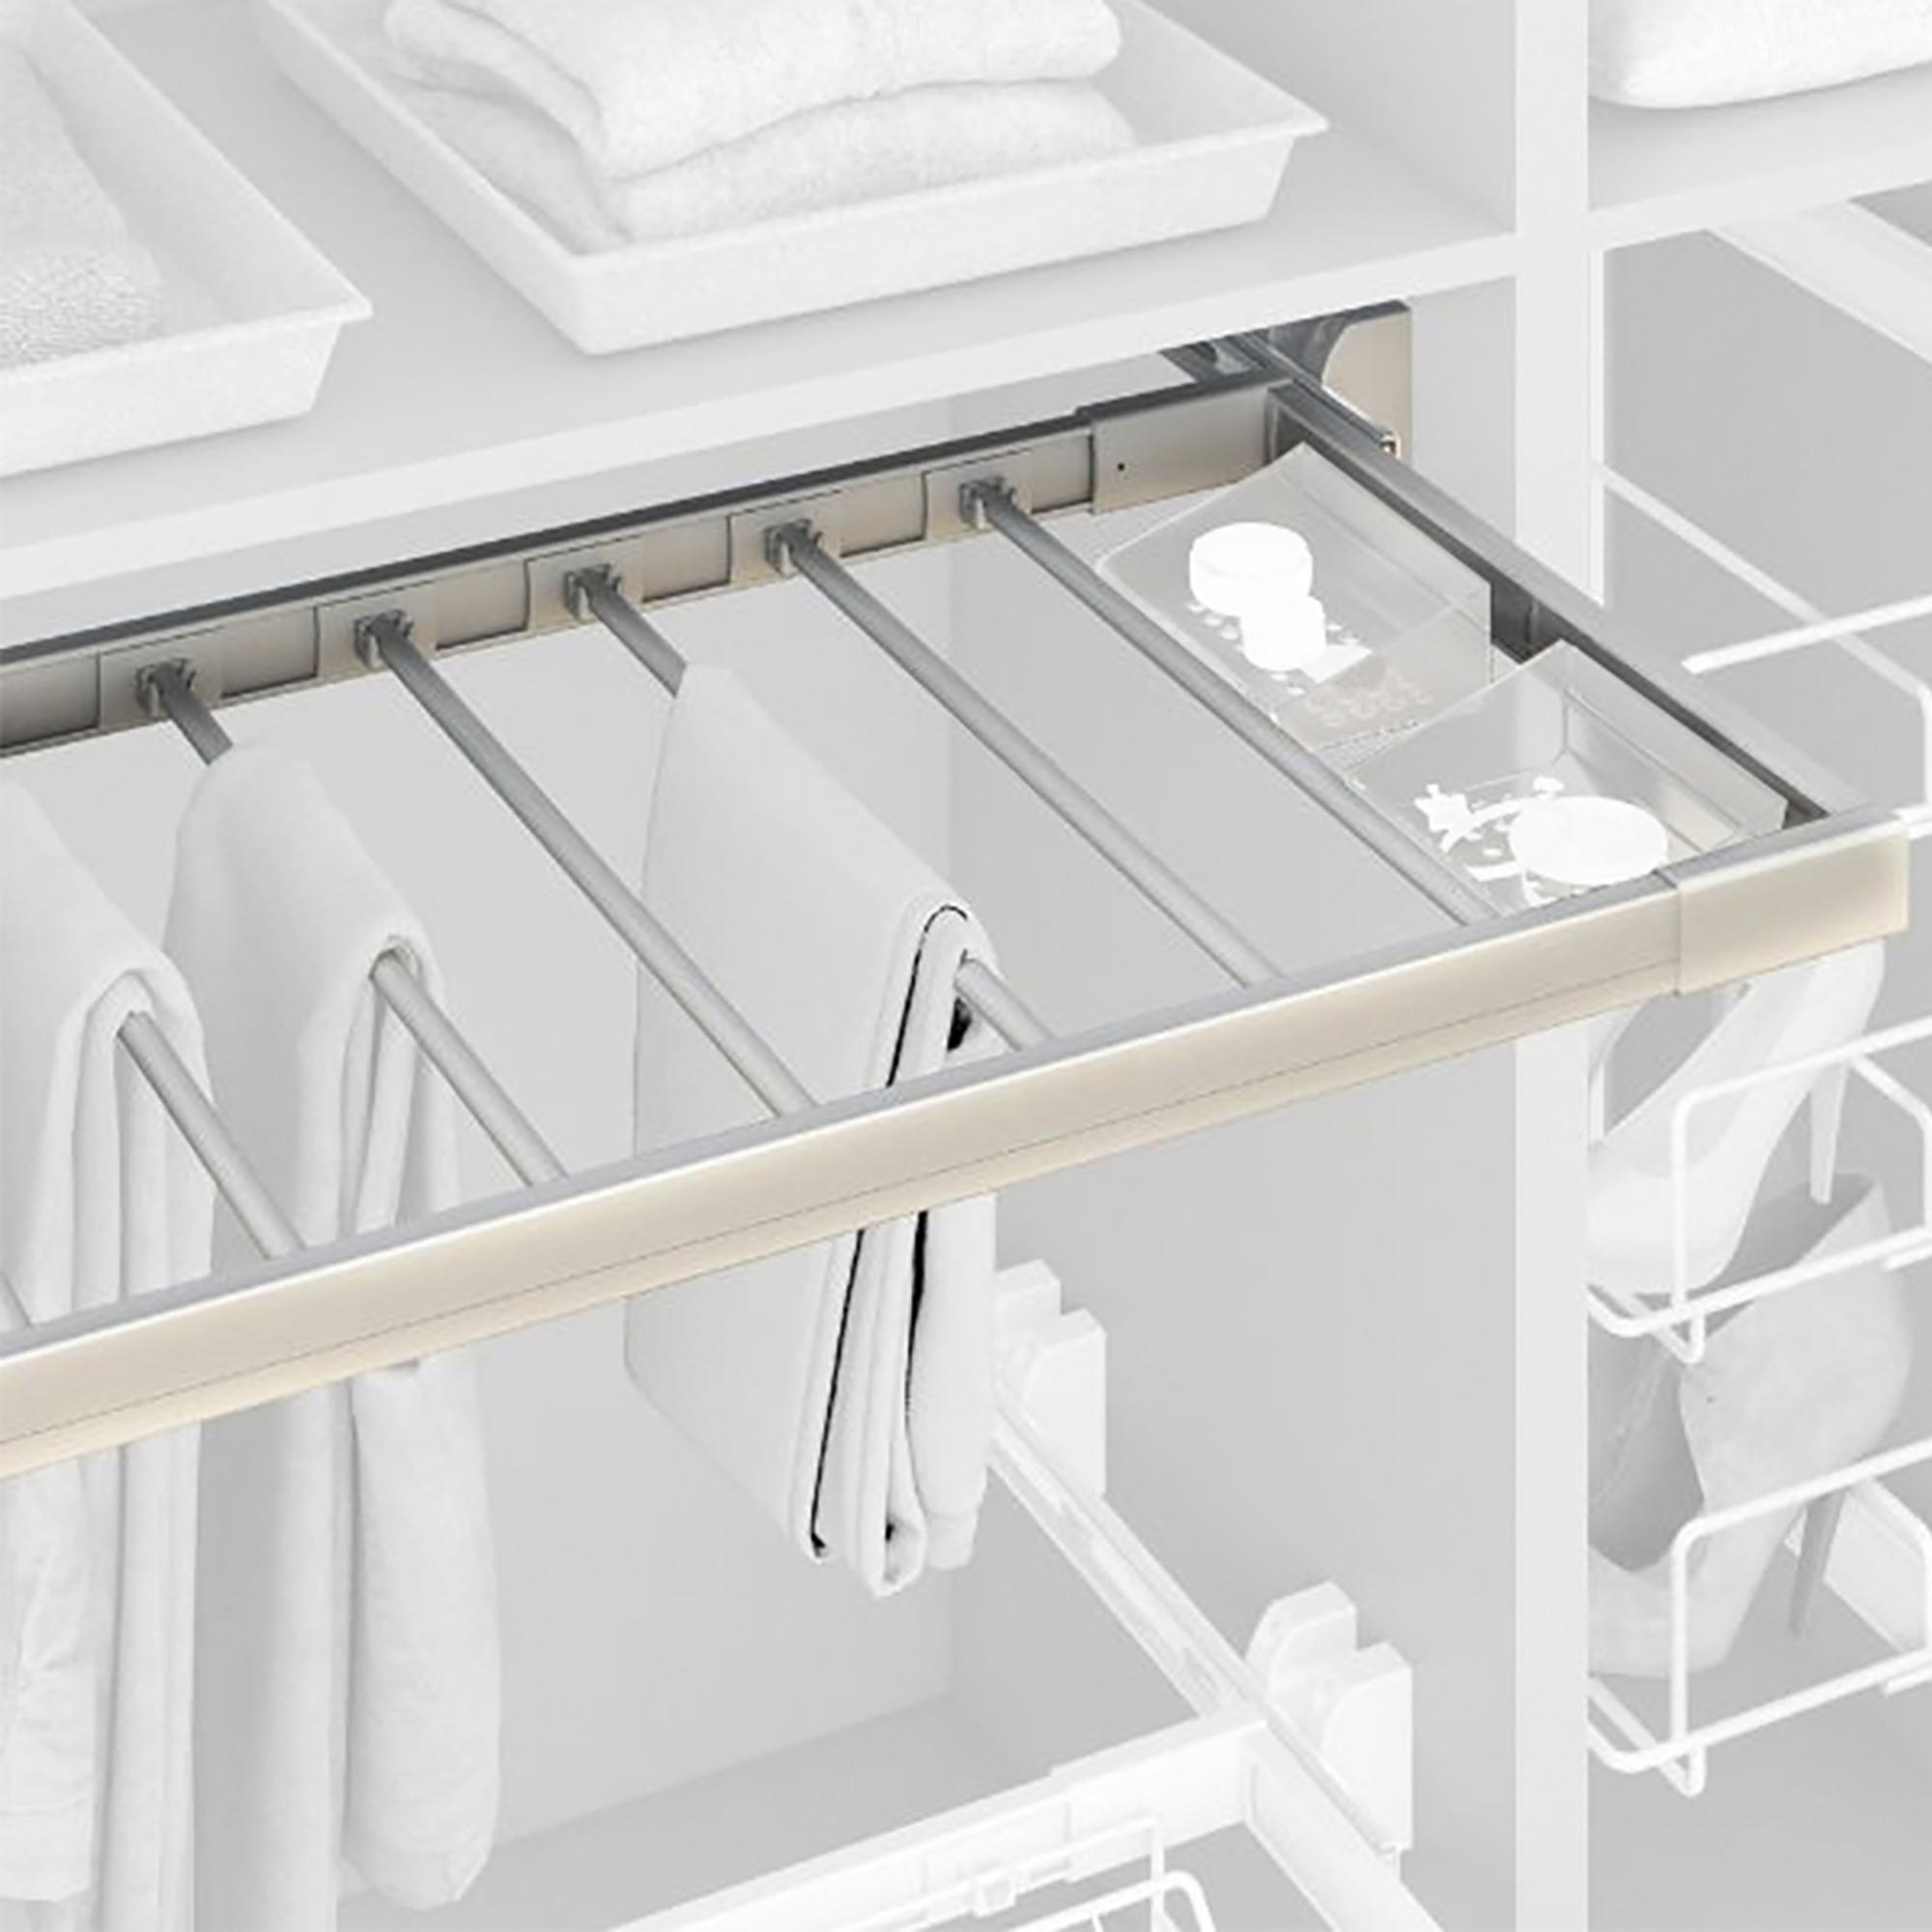 Emuca Porta Pantaloni estraibile, regolabile, modulo di 900 mm, 7 grucce, Alluminio e Acciaio, Anodizzato opaco